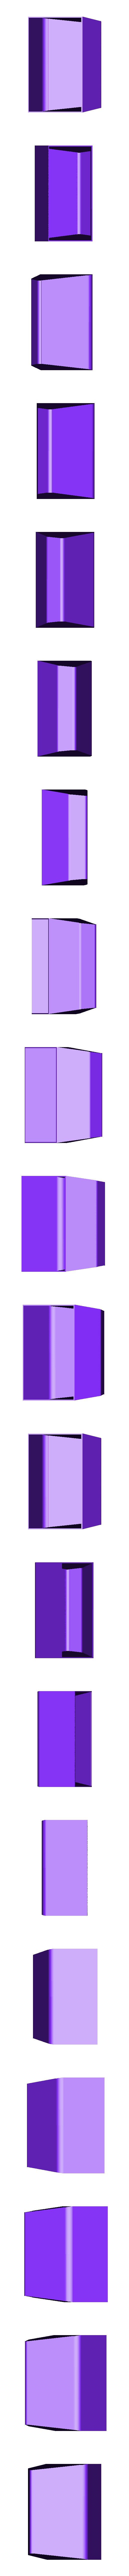 V40_Updated_Console-Bin_0.25-100.stl Télécharger fichier STL gratuit Corbeille à papier Volvo V40 Console • Plan pour impression 3D, stibo